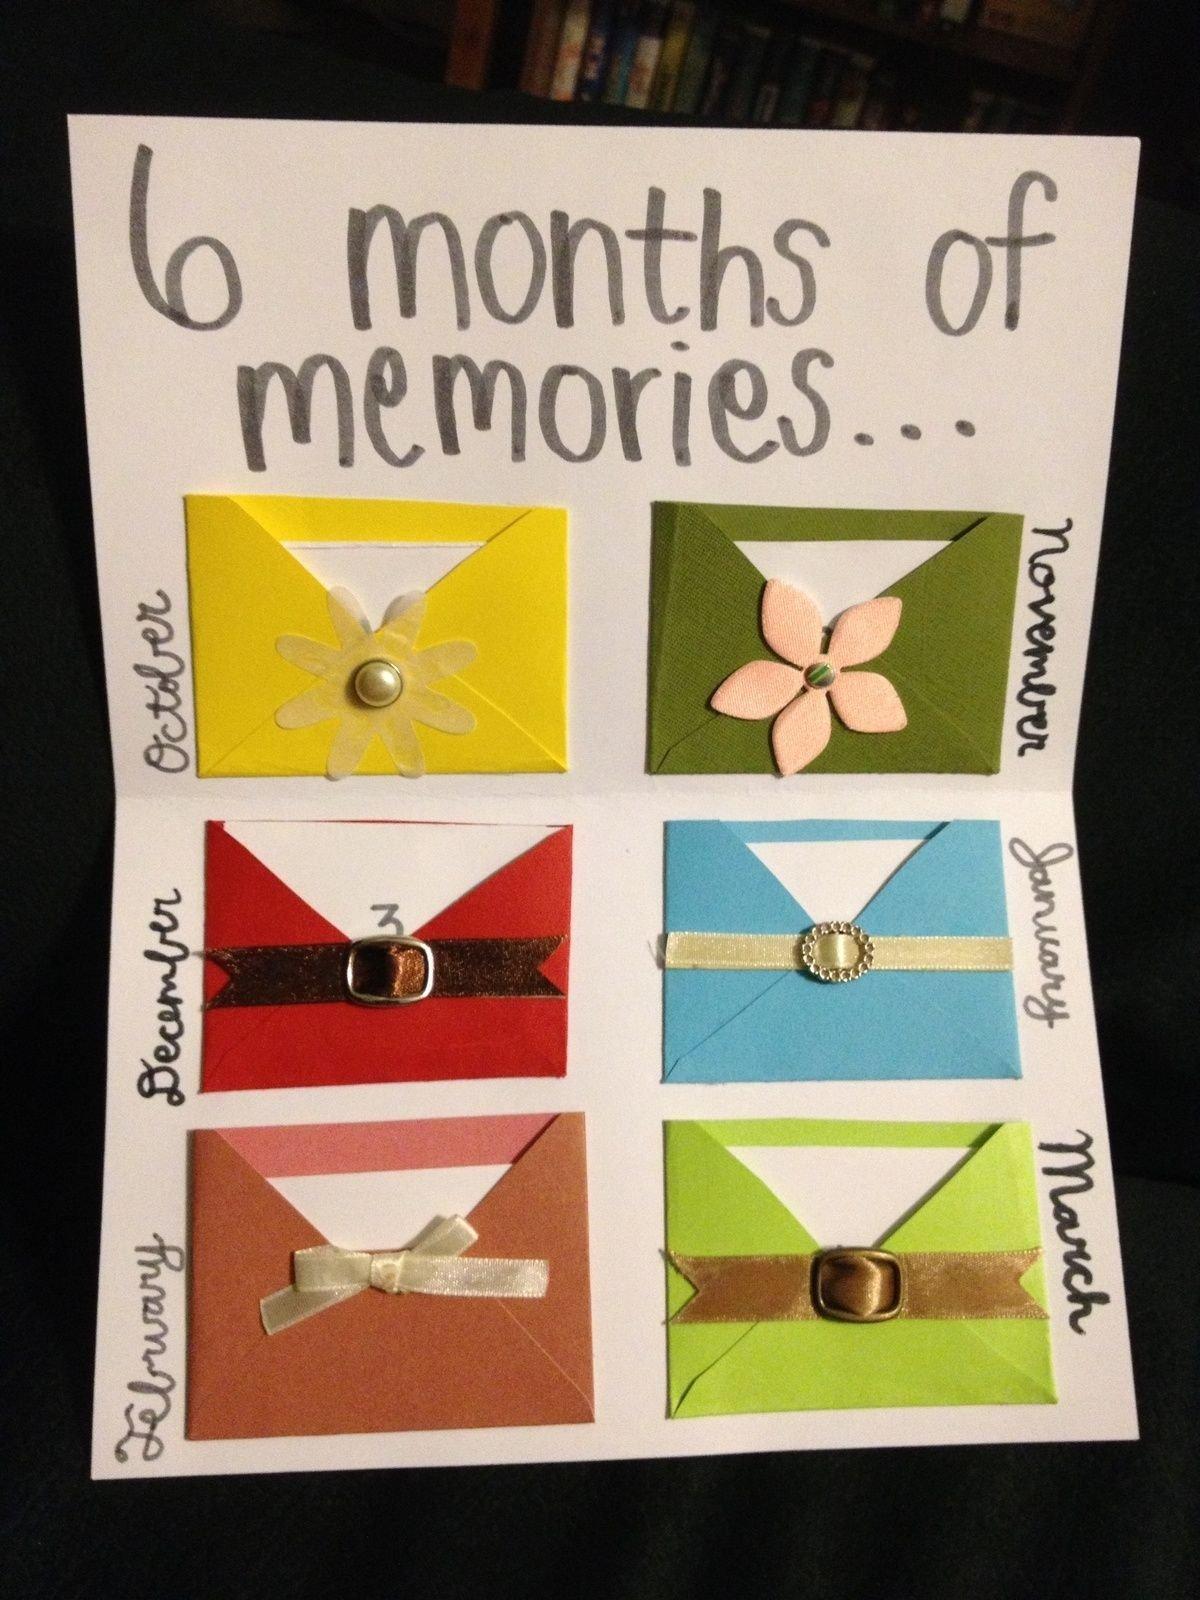 10 Cute Cute Anniversary Ideas For Boyfriend e4d5368026f67b6ca6064cc2d8c9fcc8 1 200x1 600 pixeles pinteres 4 2020